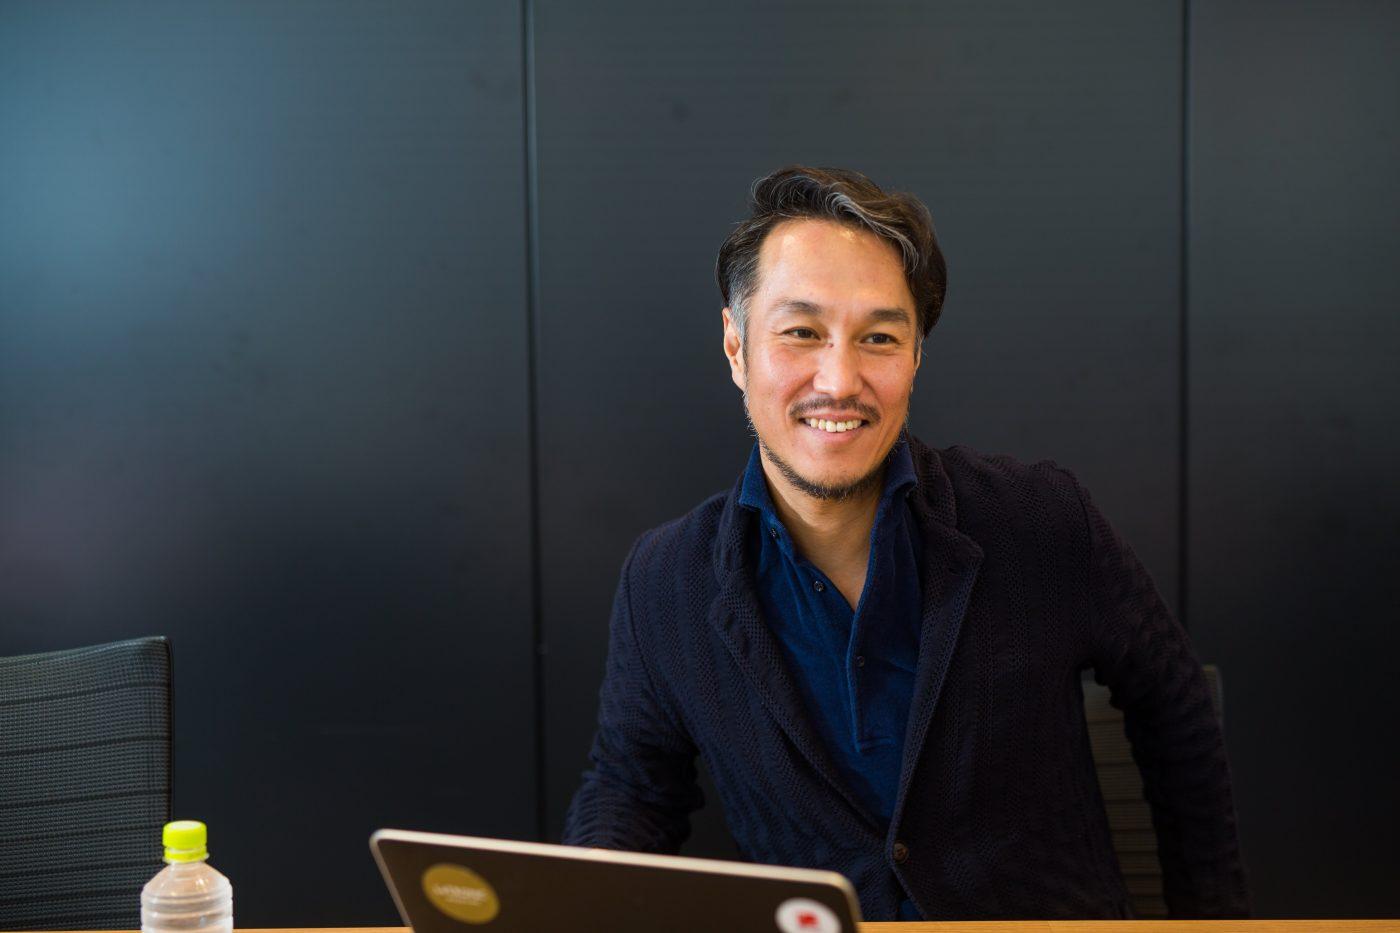 髙松氏はテレビや雑誌などのマスメディアが得意とする、需要を喚起するマーケティングの追及に大きな可能性があると考えた。オープンエイト設立当時は2015年。スマートフォンも一通り普及し、動画配信サービスの市場が一気に立ち上がろうとしているフェーズだった。